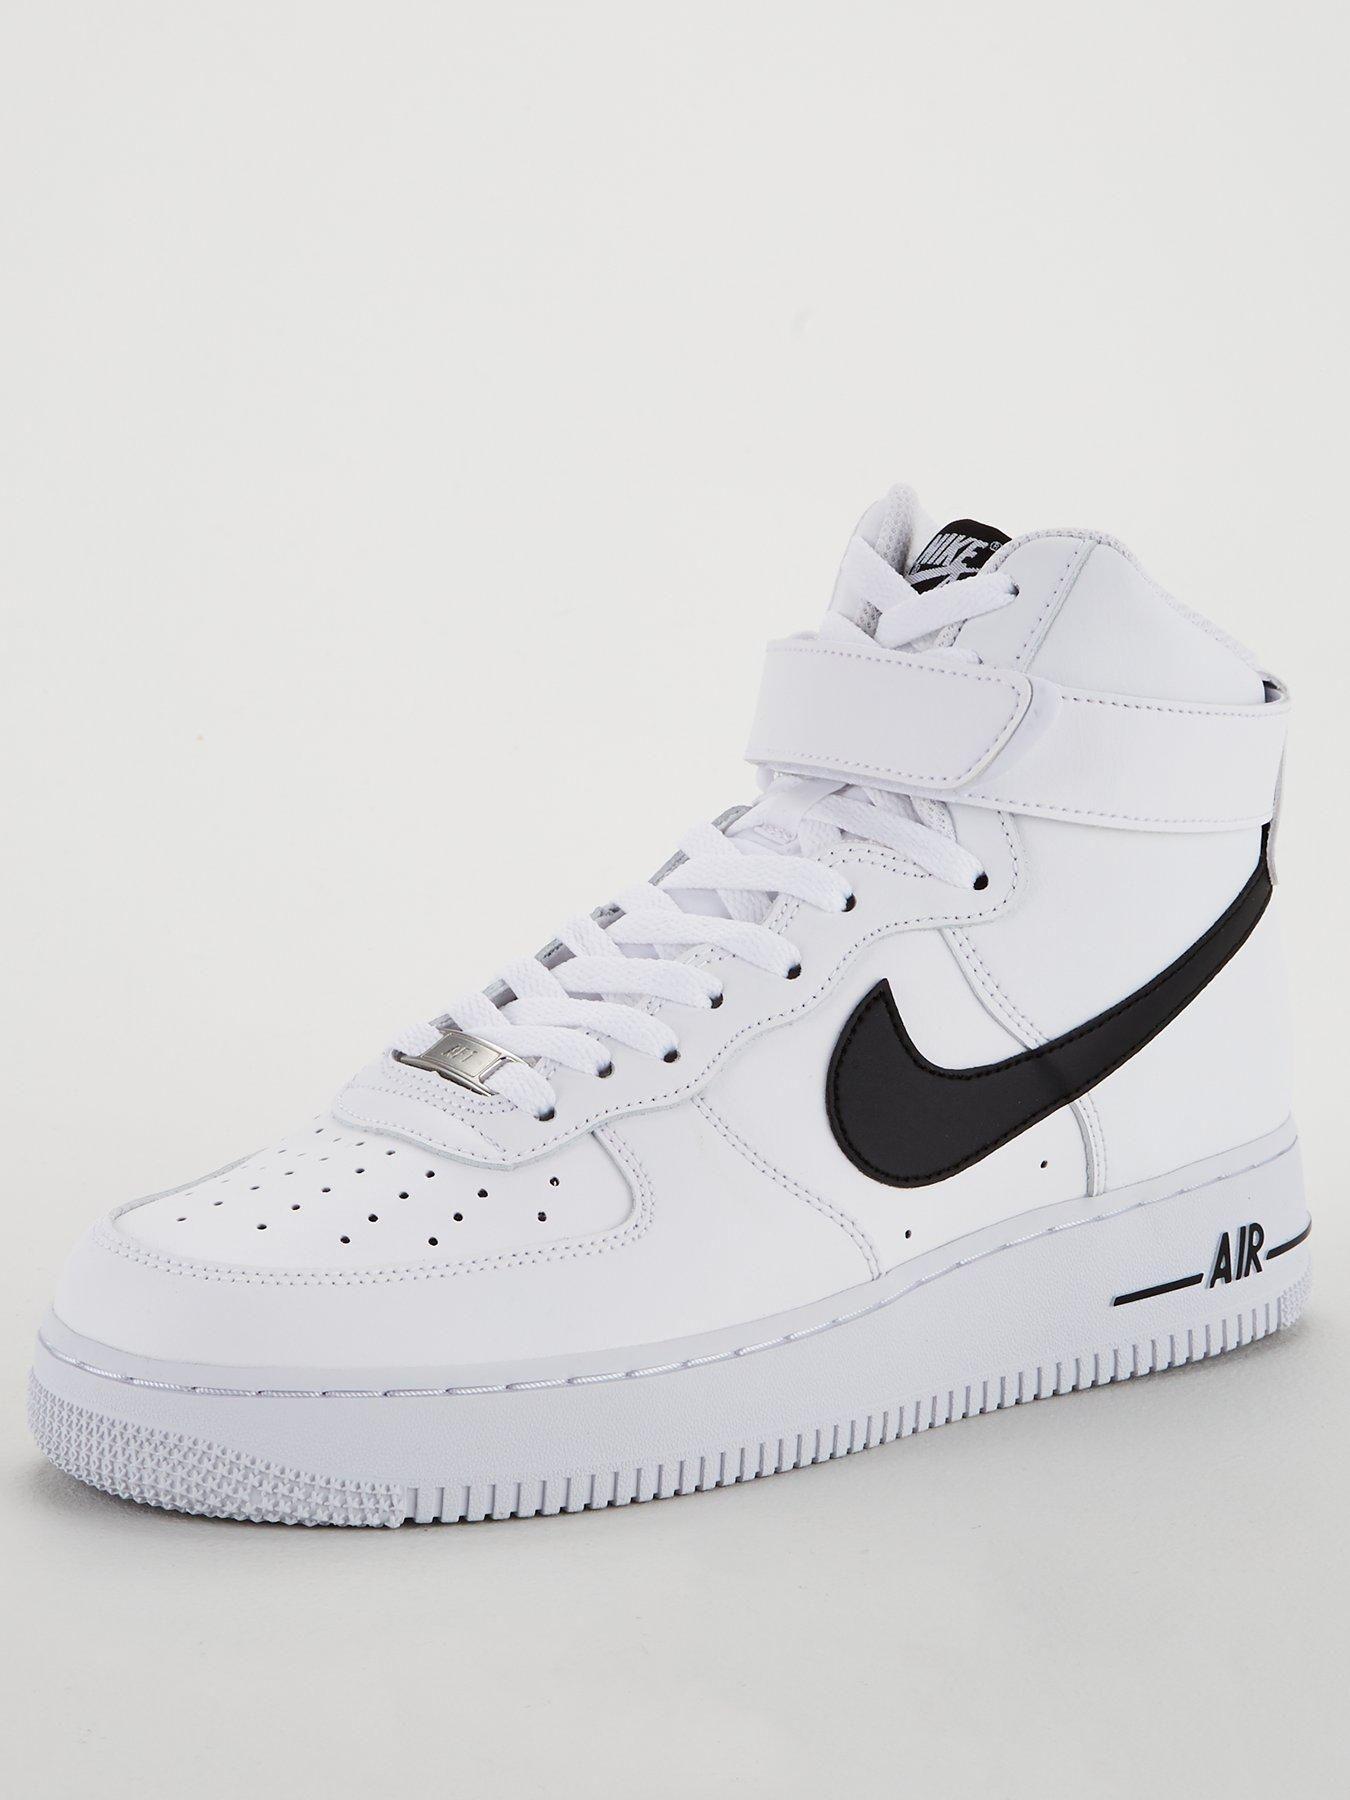 air force 1 high '07 noire et blanche